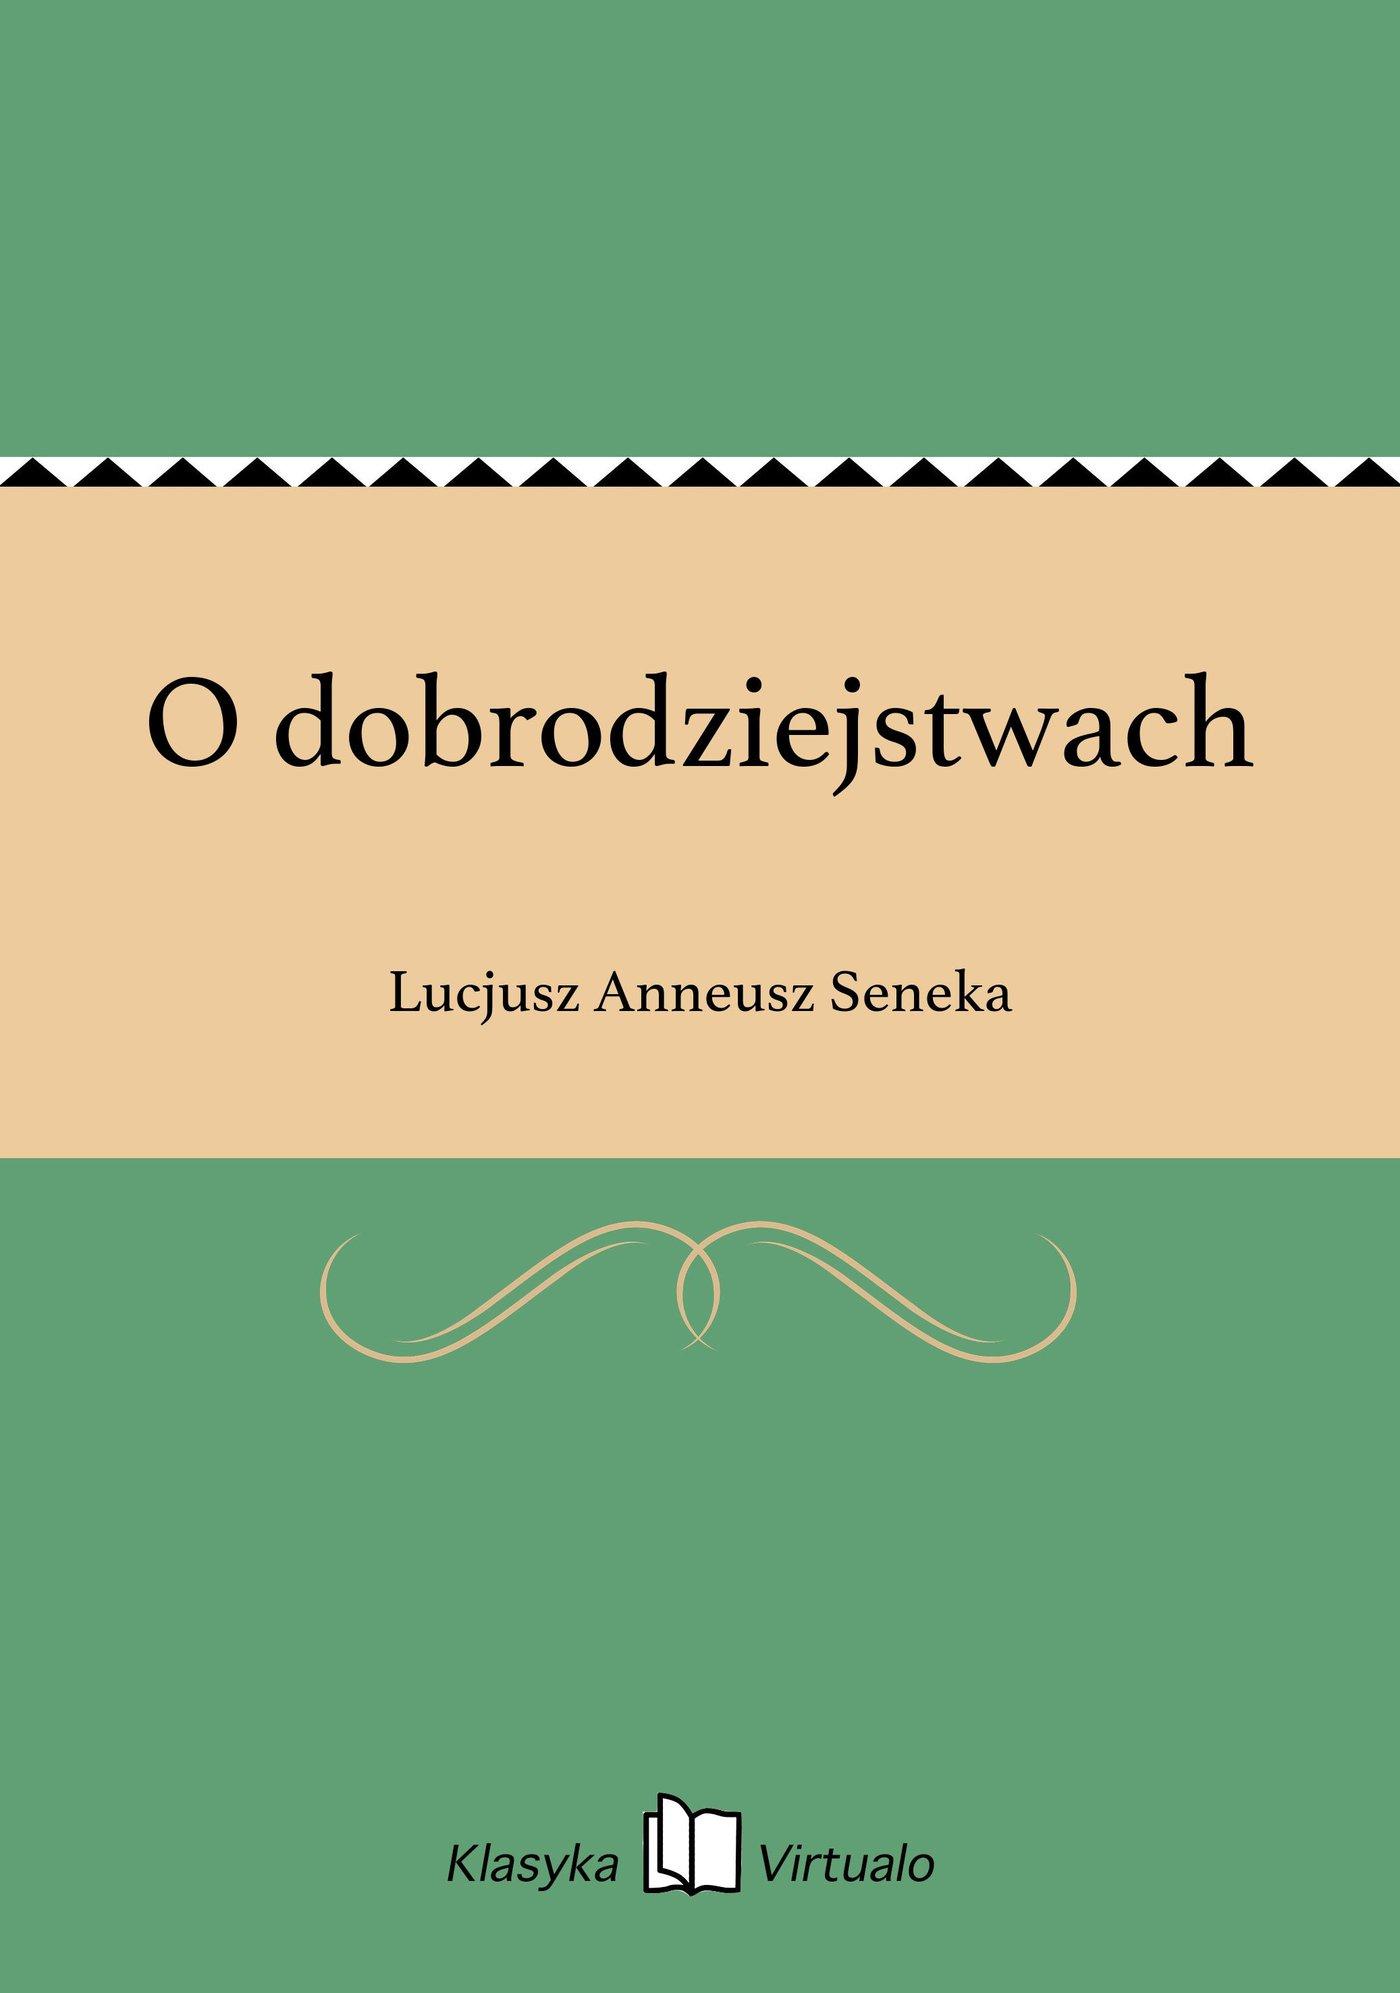 O dobrodziejstwach - Ebook (Książka EPUB) do pobrania w formacie EPUB